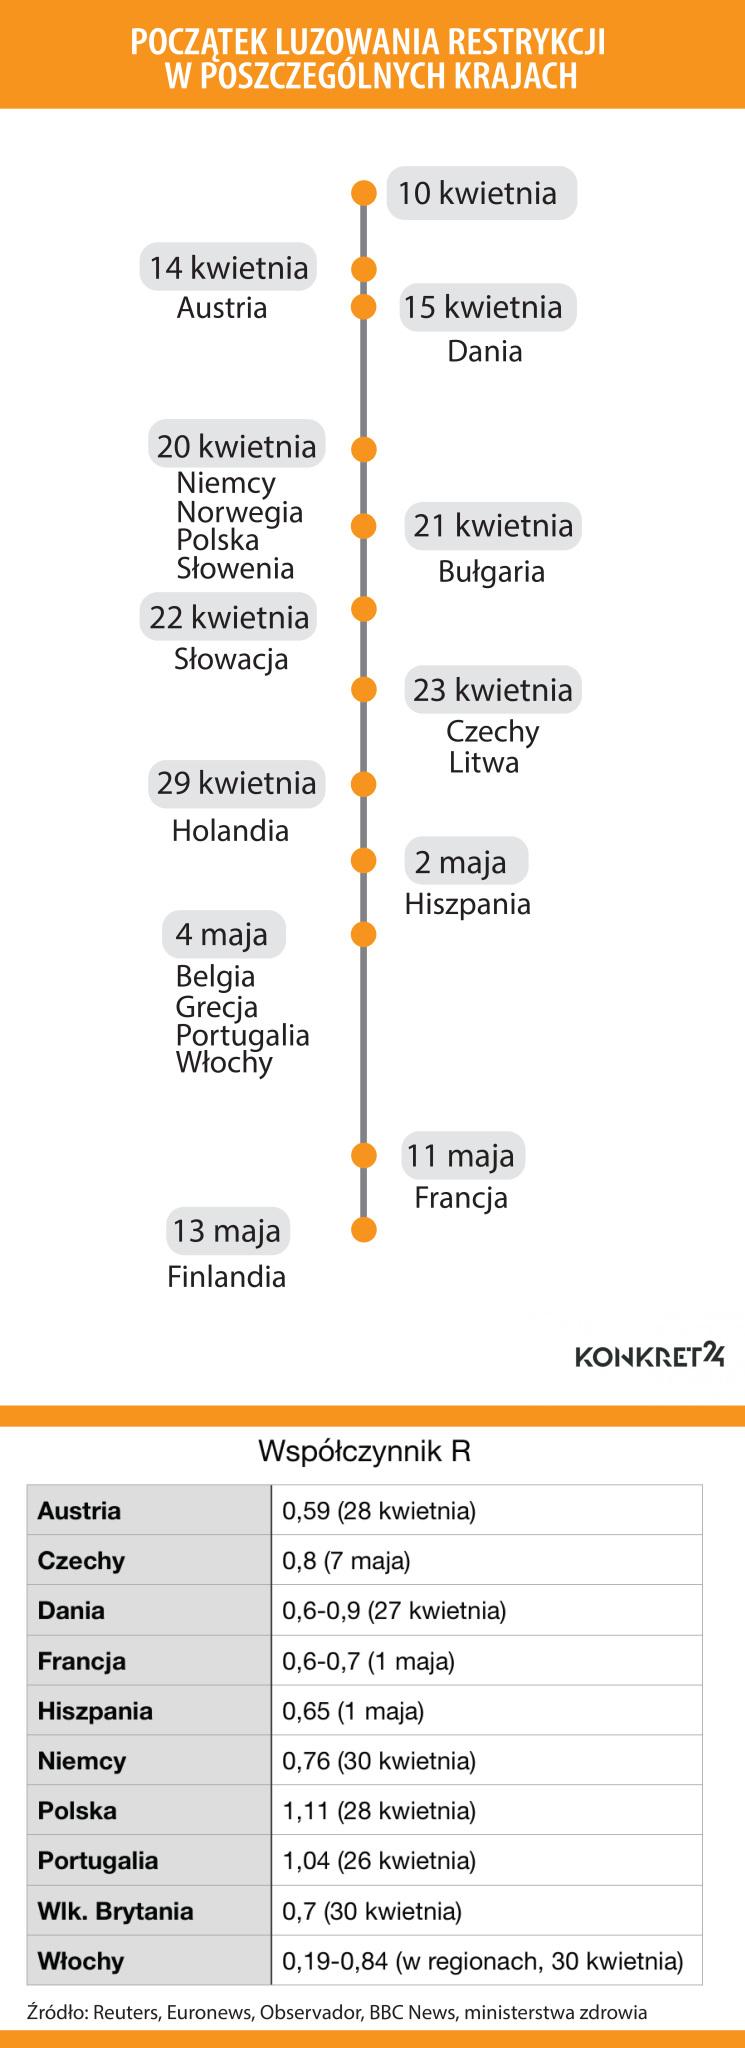 Rozpoczęcie luzowania restrykcji w poszczególnych krajach